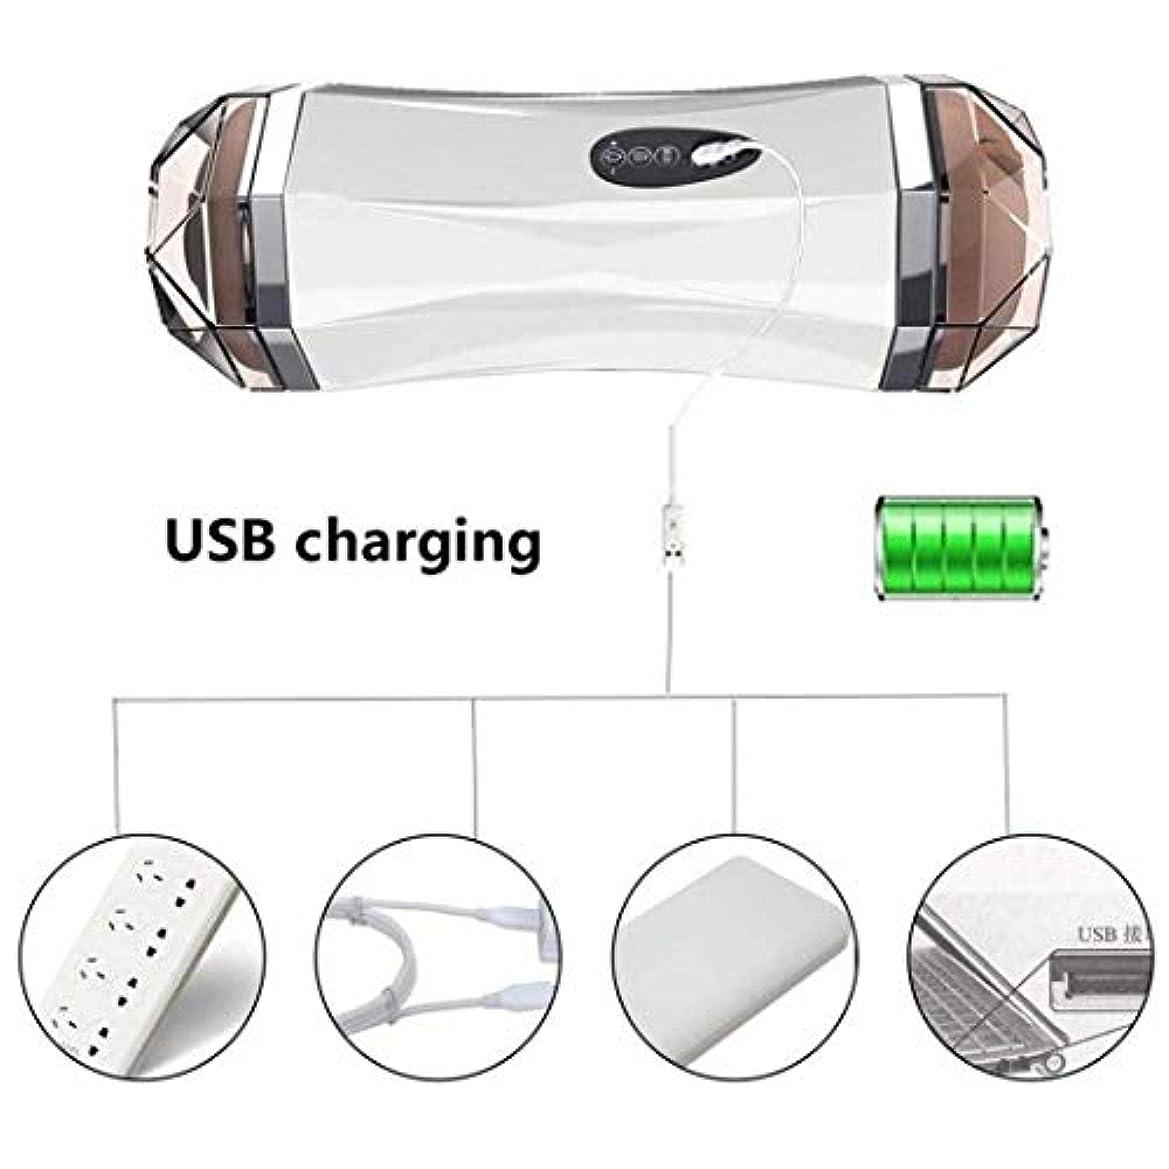 ガレージアジア人ソートMCAZMSG USB Rechargable Handheld Body Massager for Pain Relief and Muscle Relaxation、Promo、Blood Circulation Massager